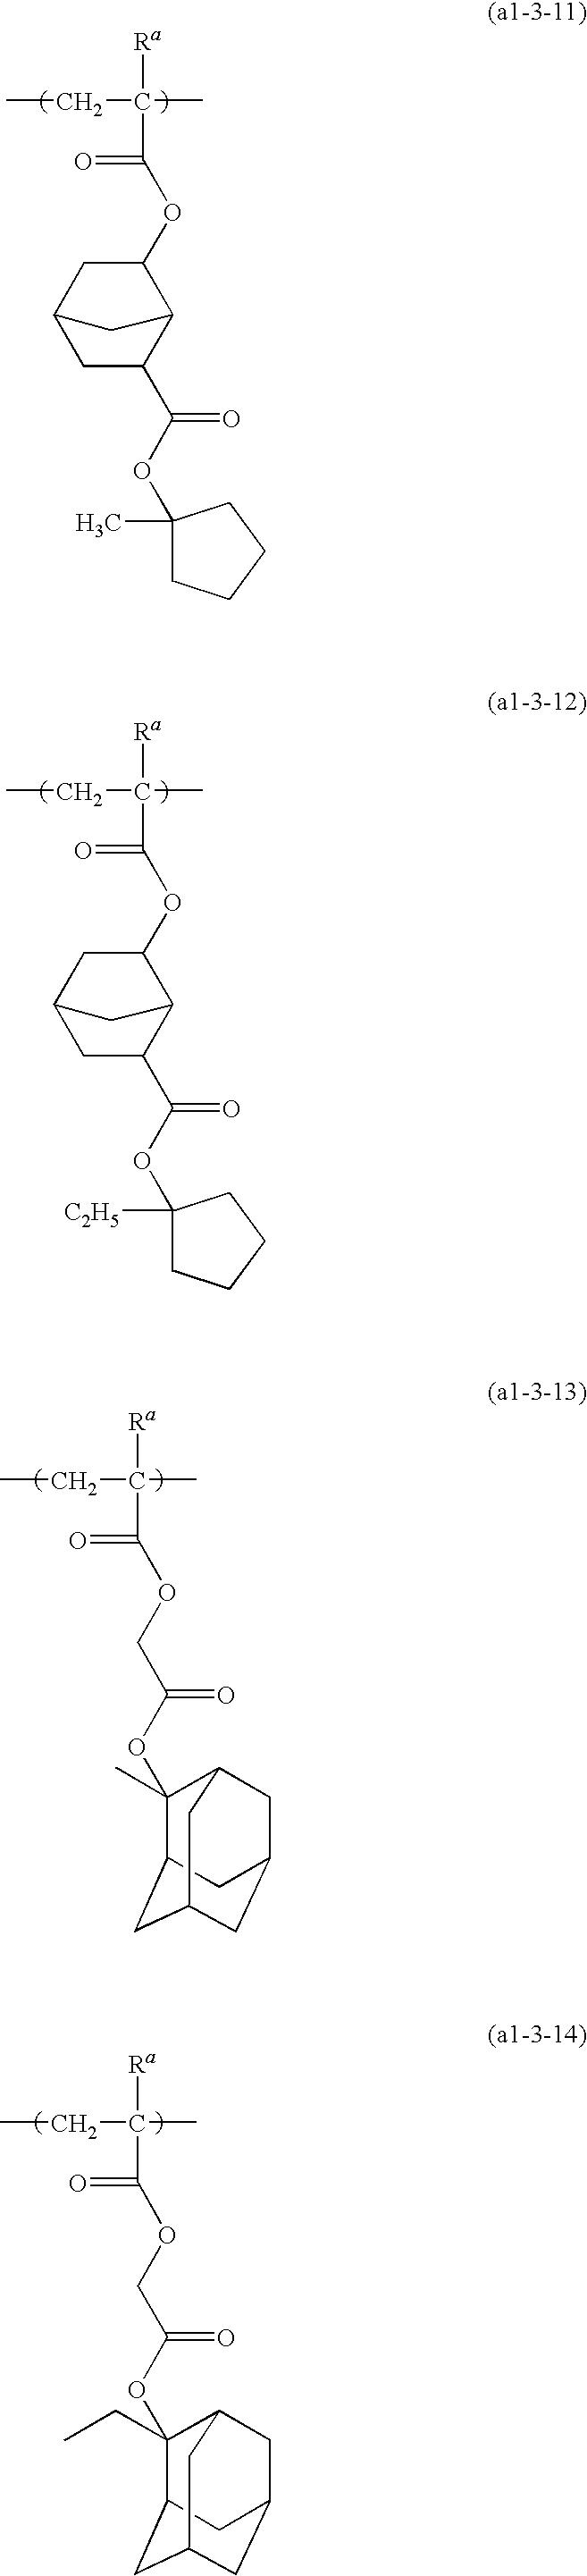 Figure US20100136480A1-20100603-C00036